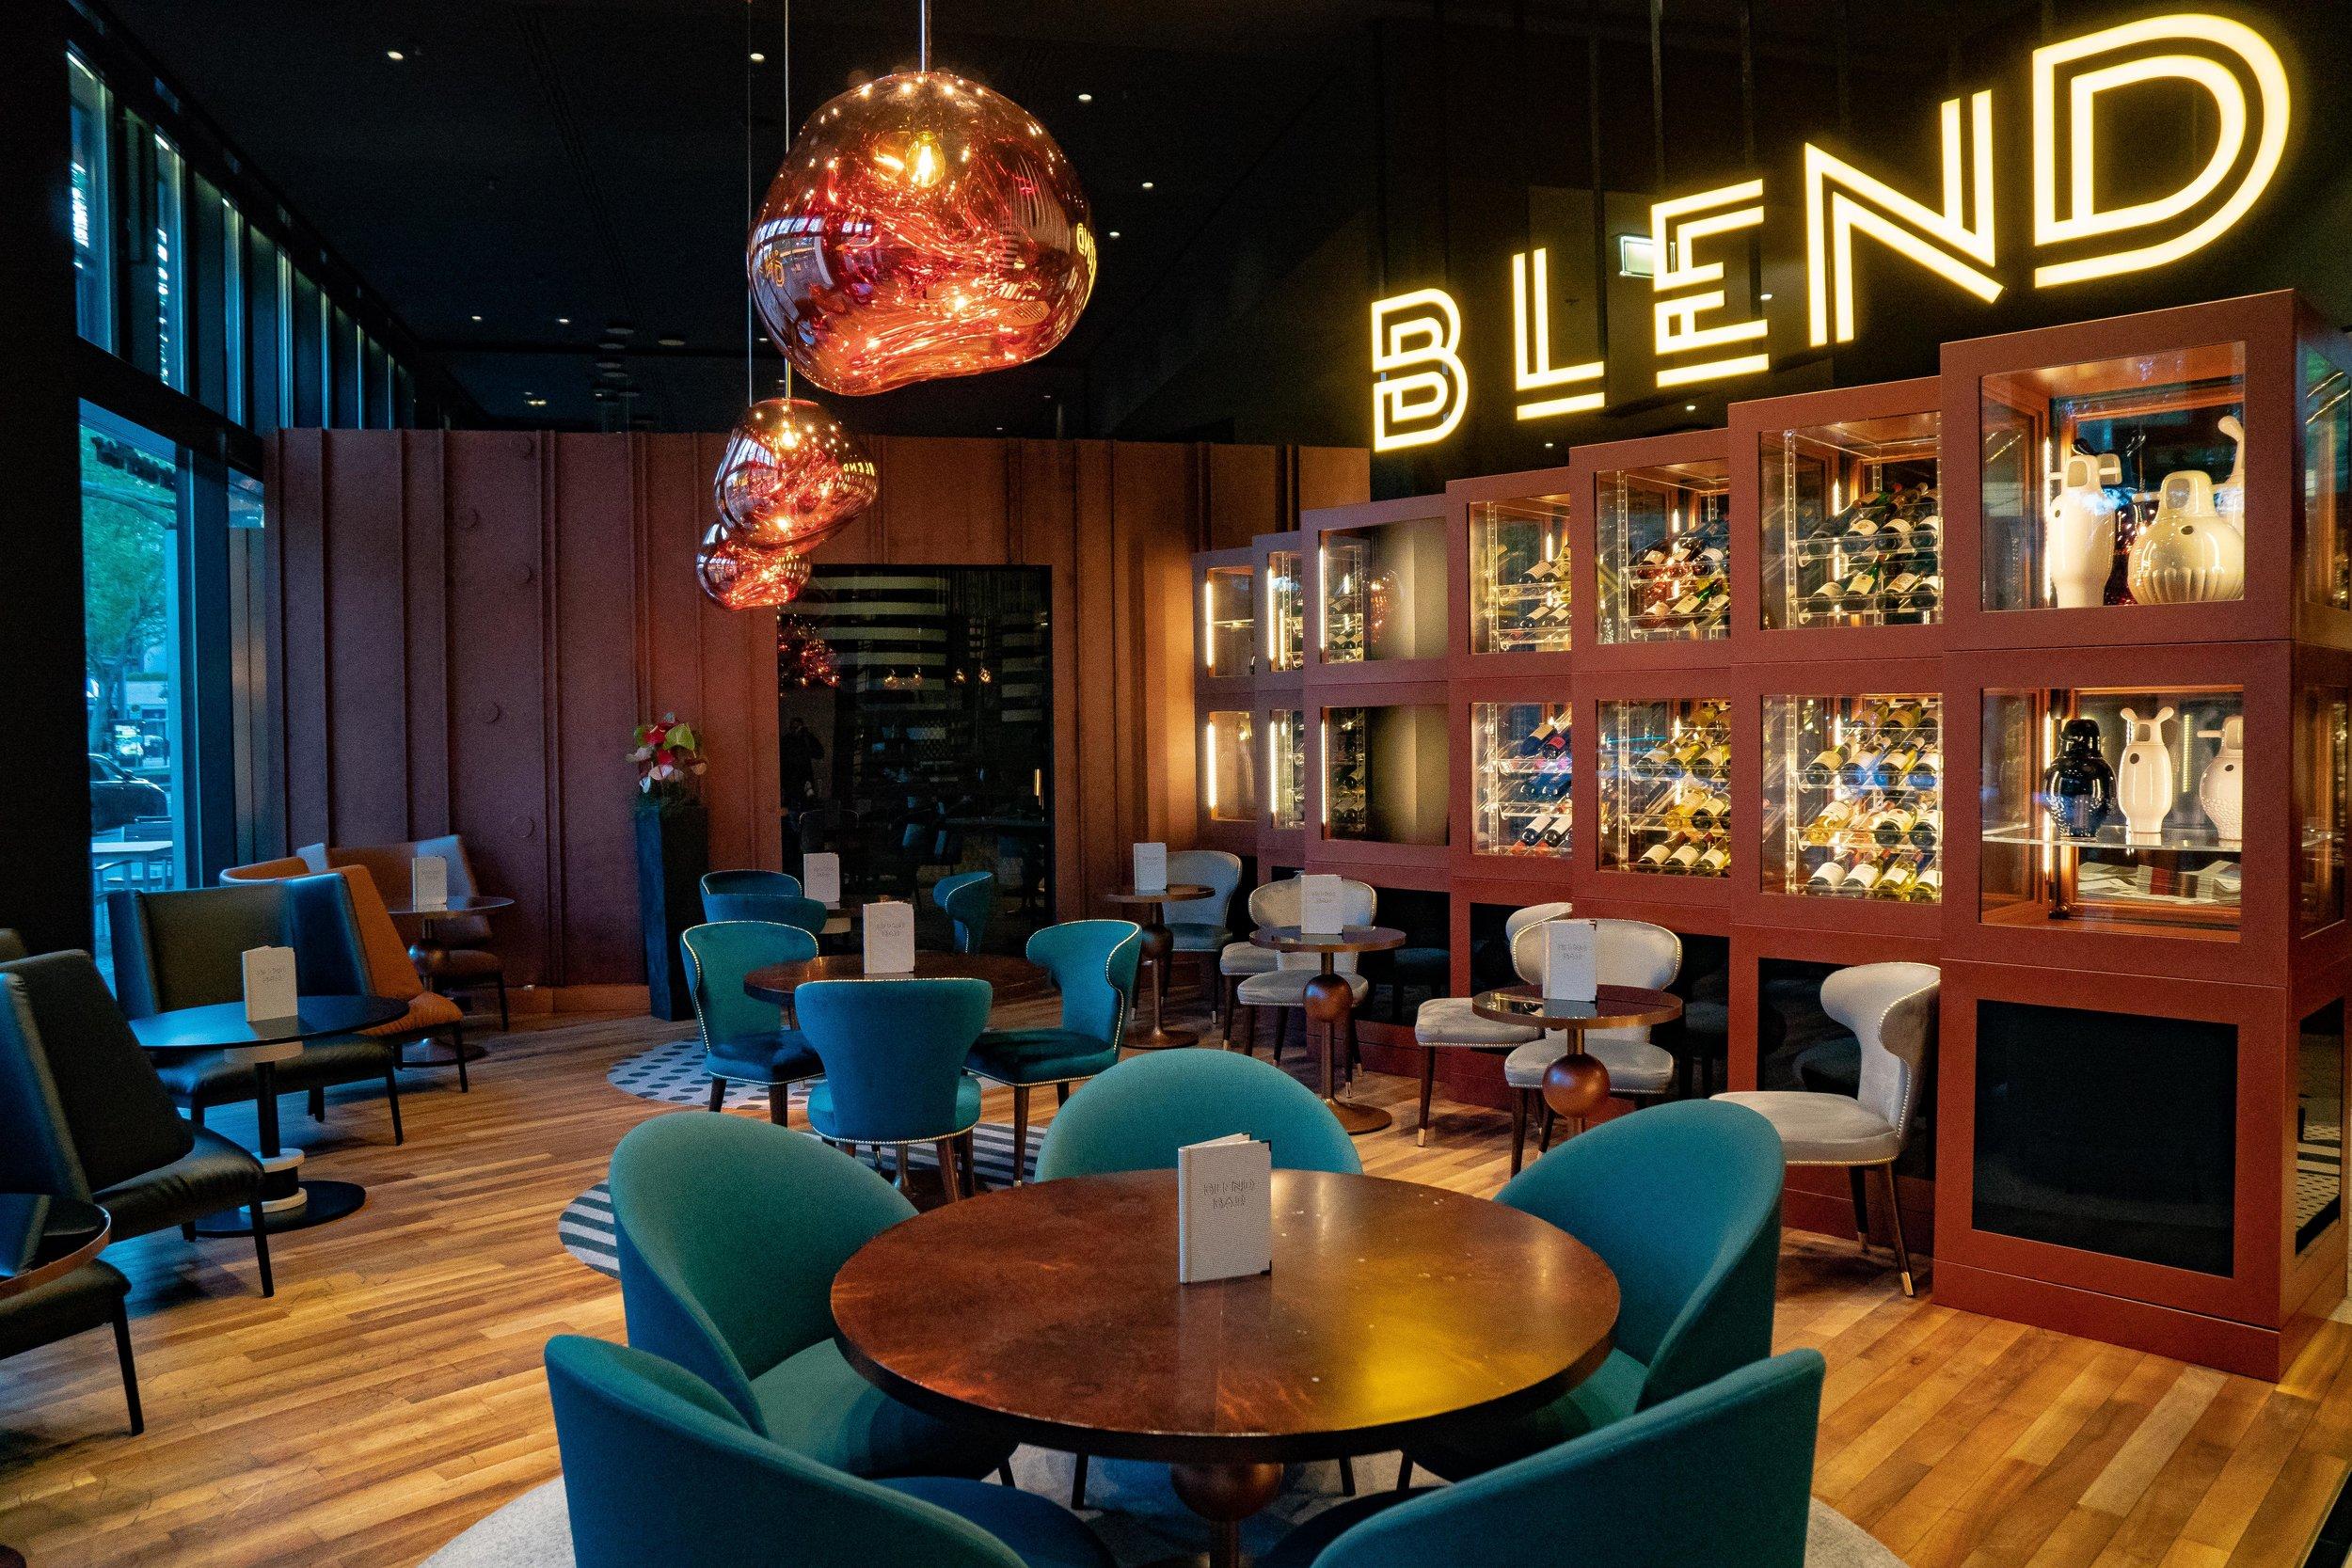 BLEND Restaurant at Pullman Berlin Schweizerhof